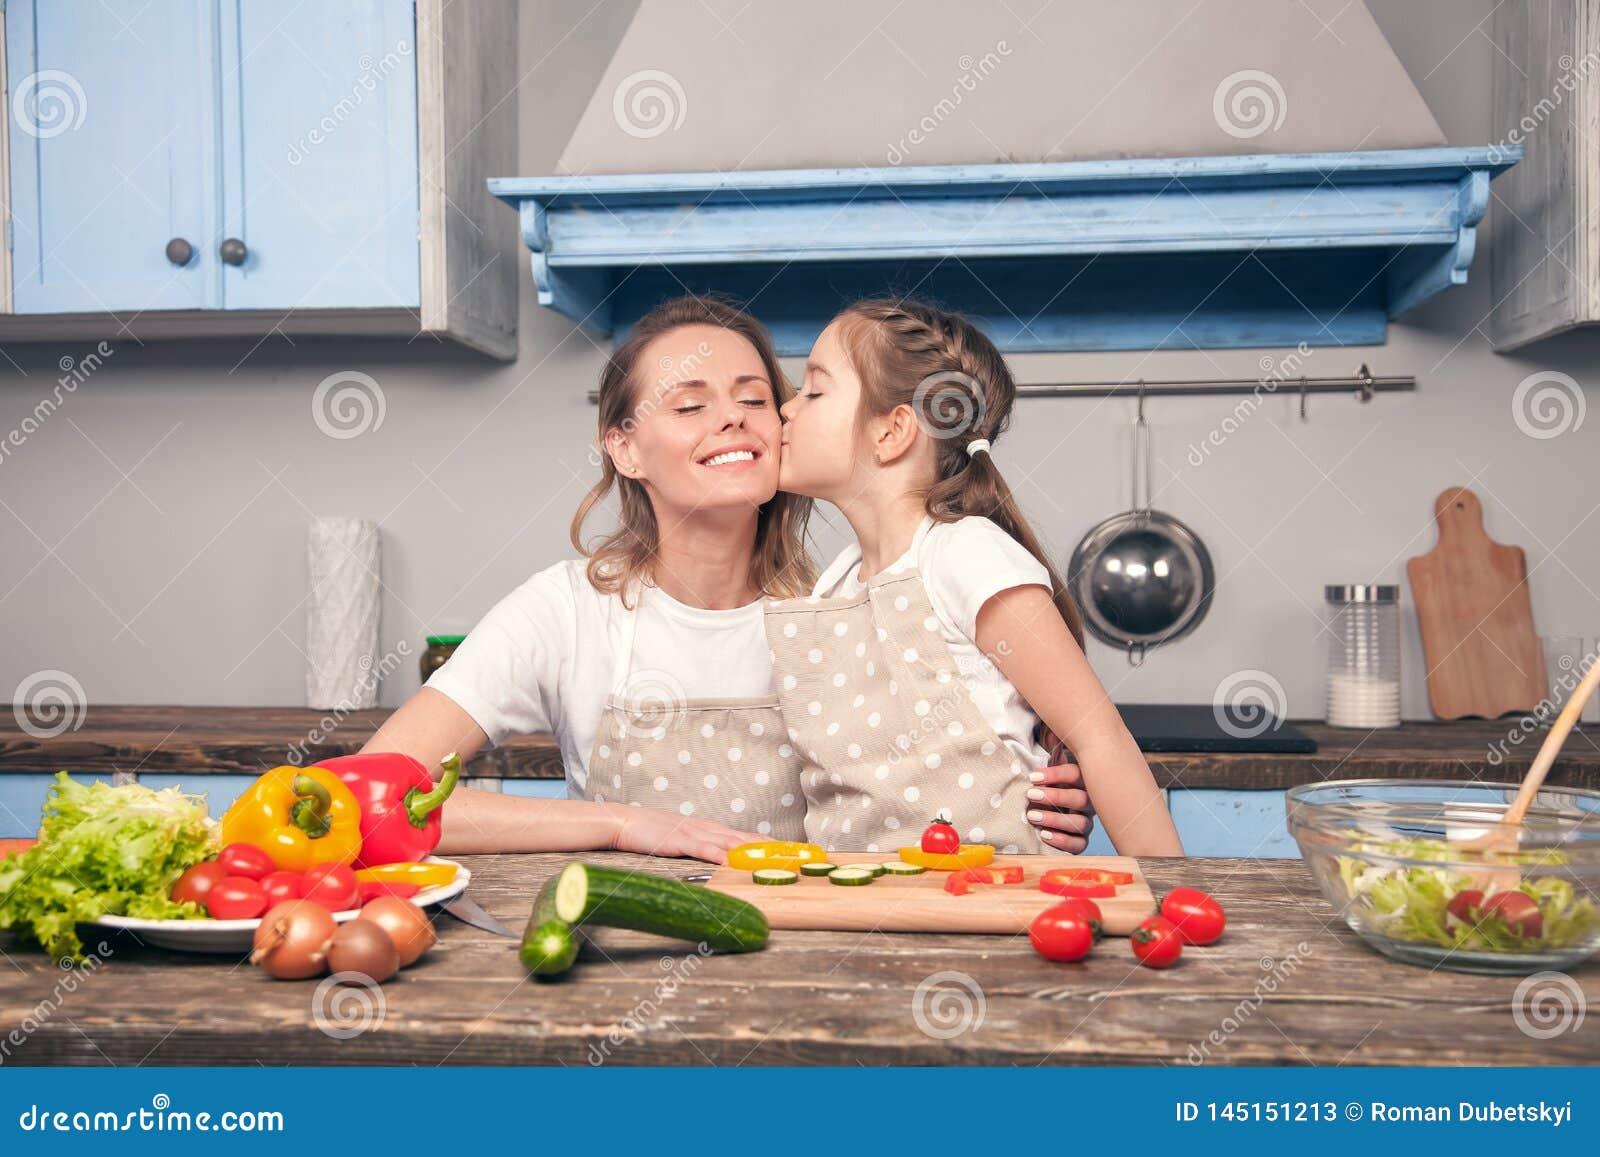 La figlia sveglia bacia la mamma sulla sua guancia mentre cucina su una bella cucina blu